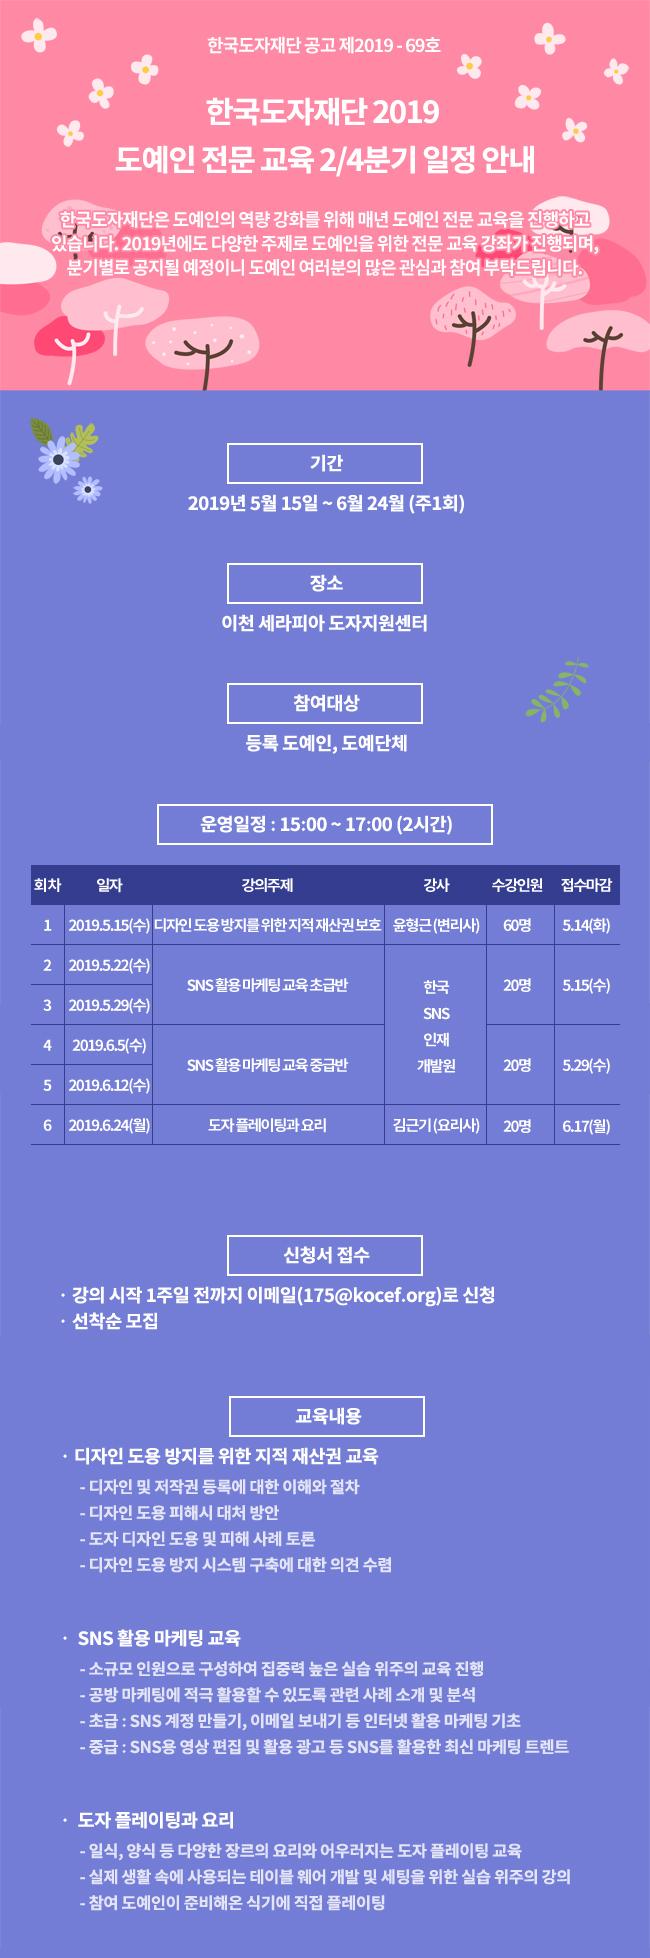 한국도자재단 2019 도예인 전문 교육 2/4분기 일정 안내